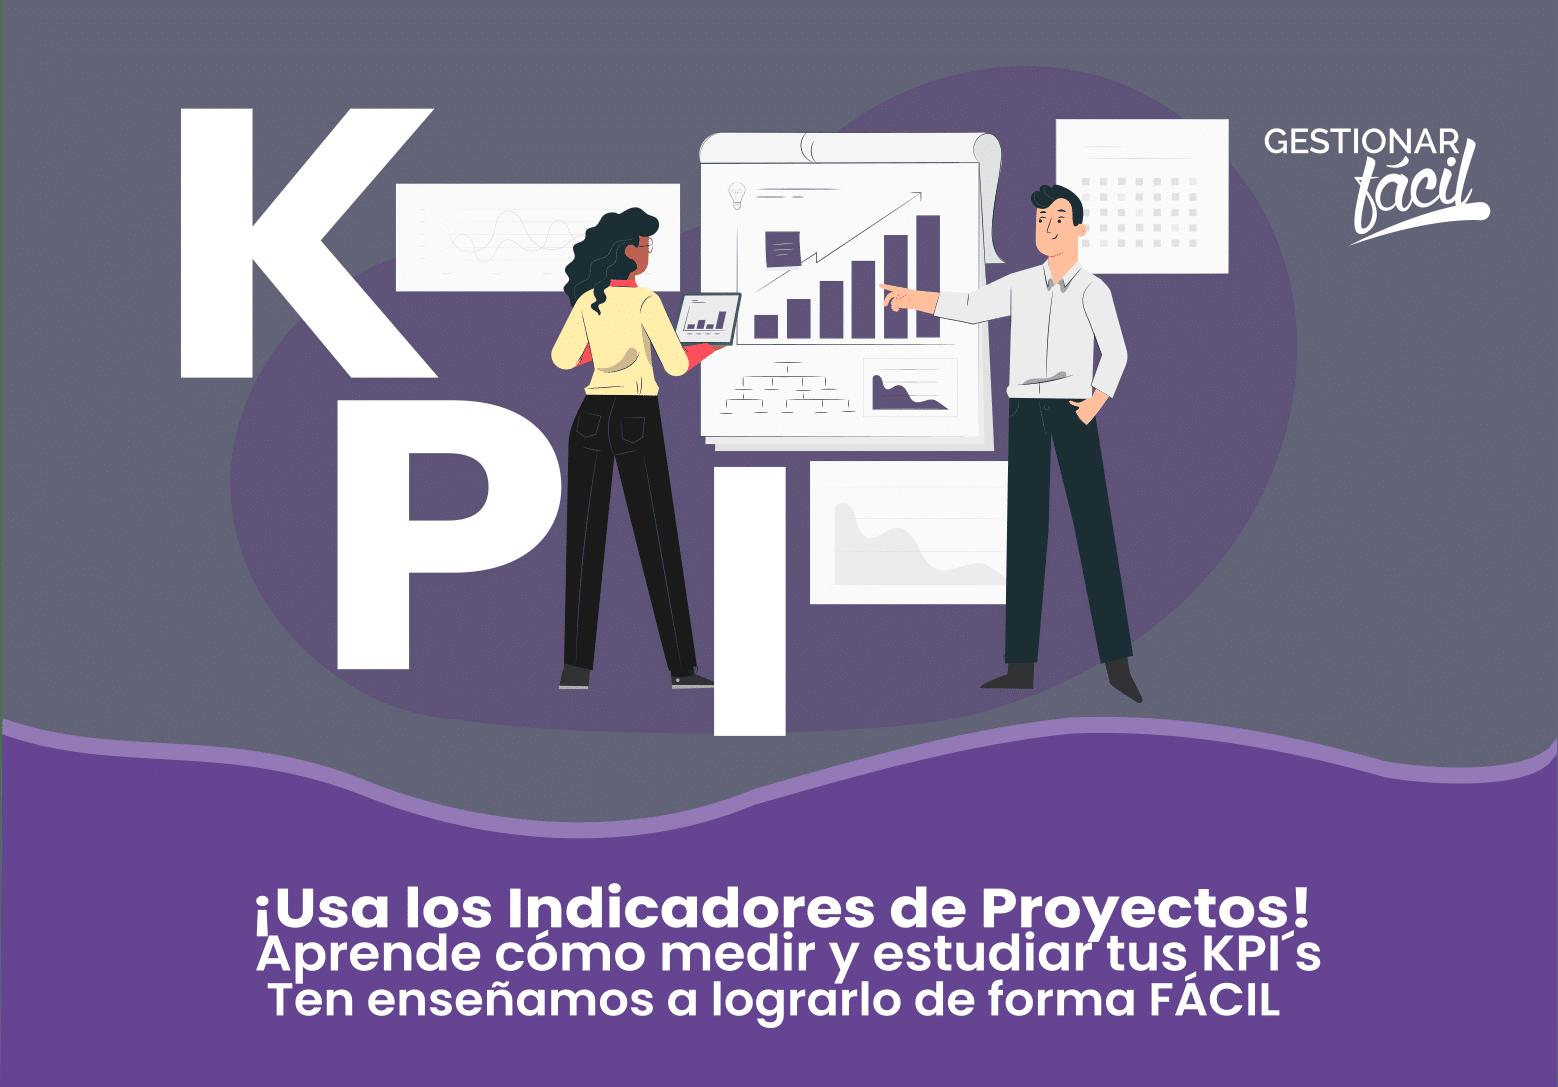 ¿Cuáles son los indicadores de proyectos (KPI) típicos?